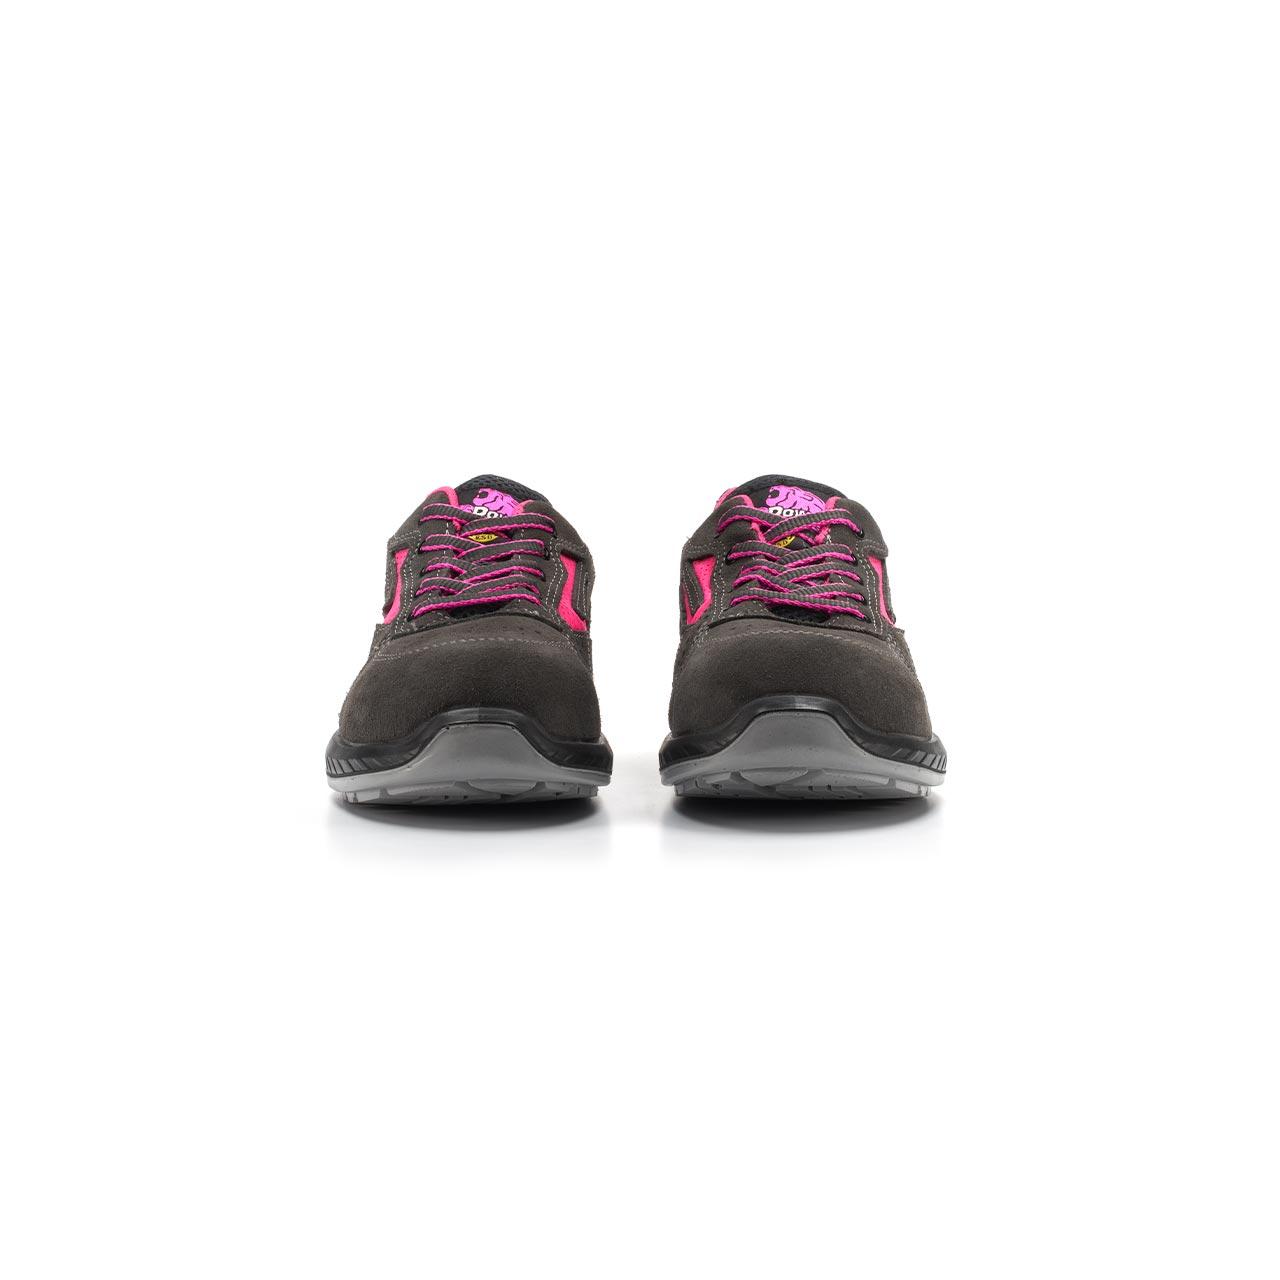 paio di scarpe antinfortunistiche upower modello tokio linea redindustry vista frontale